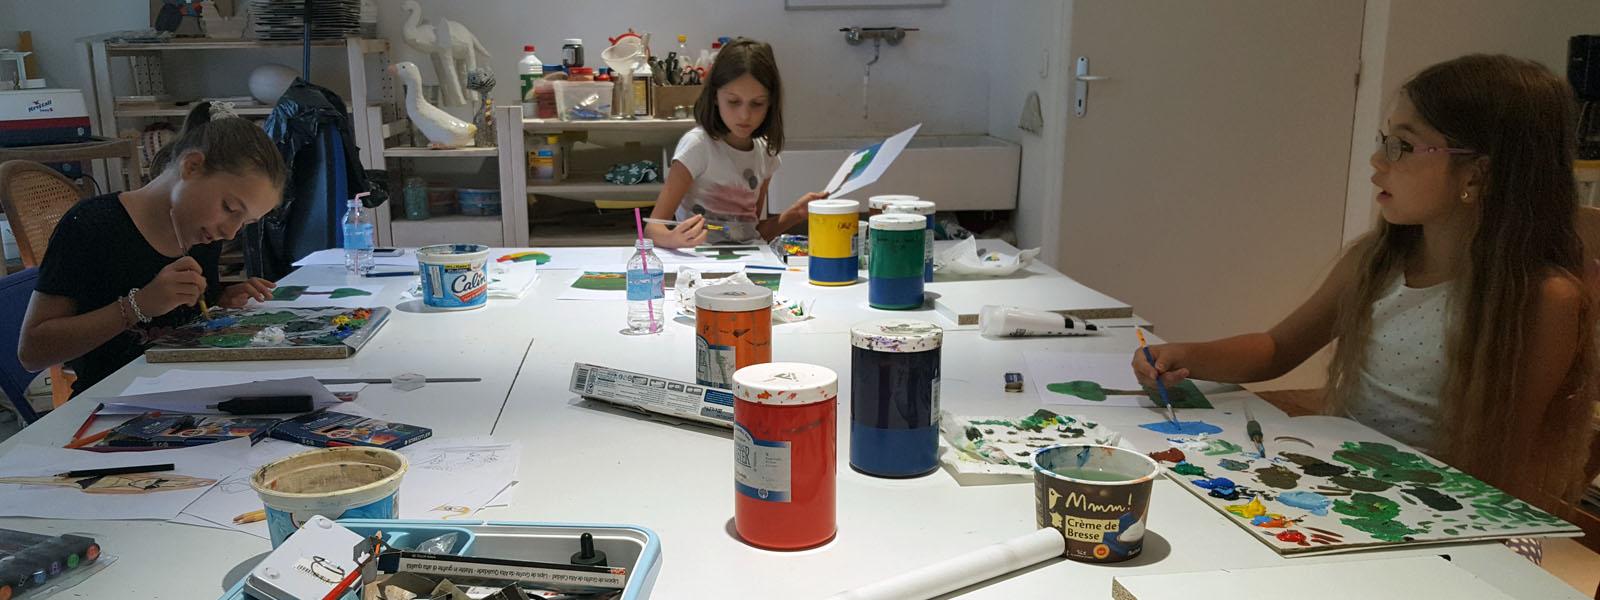 RB-arts - cours d'art plastique pour enfants